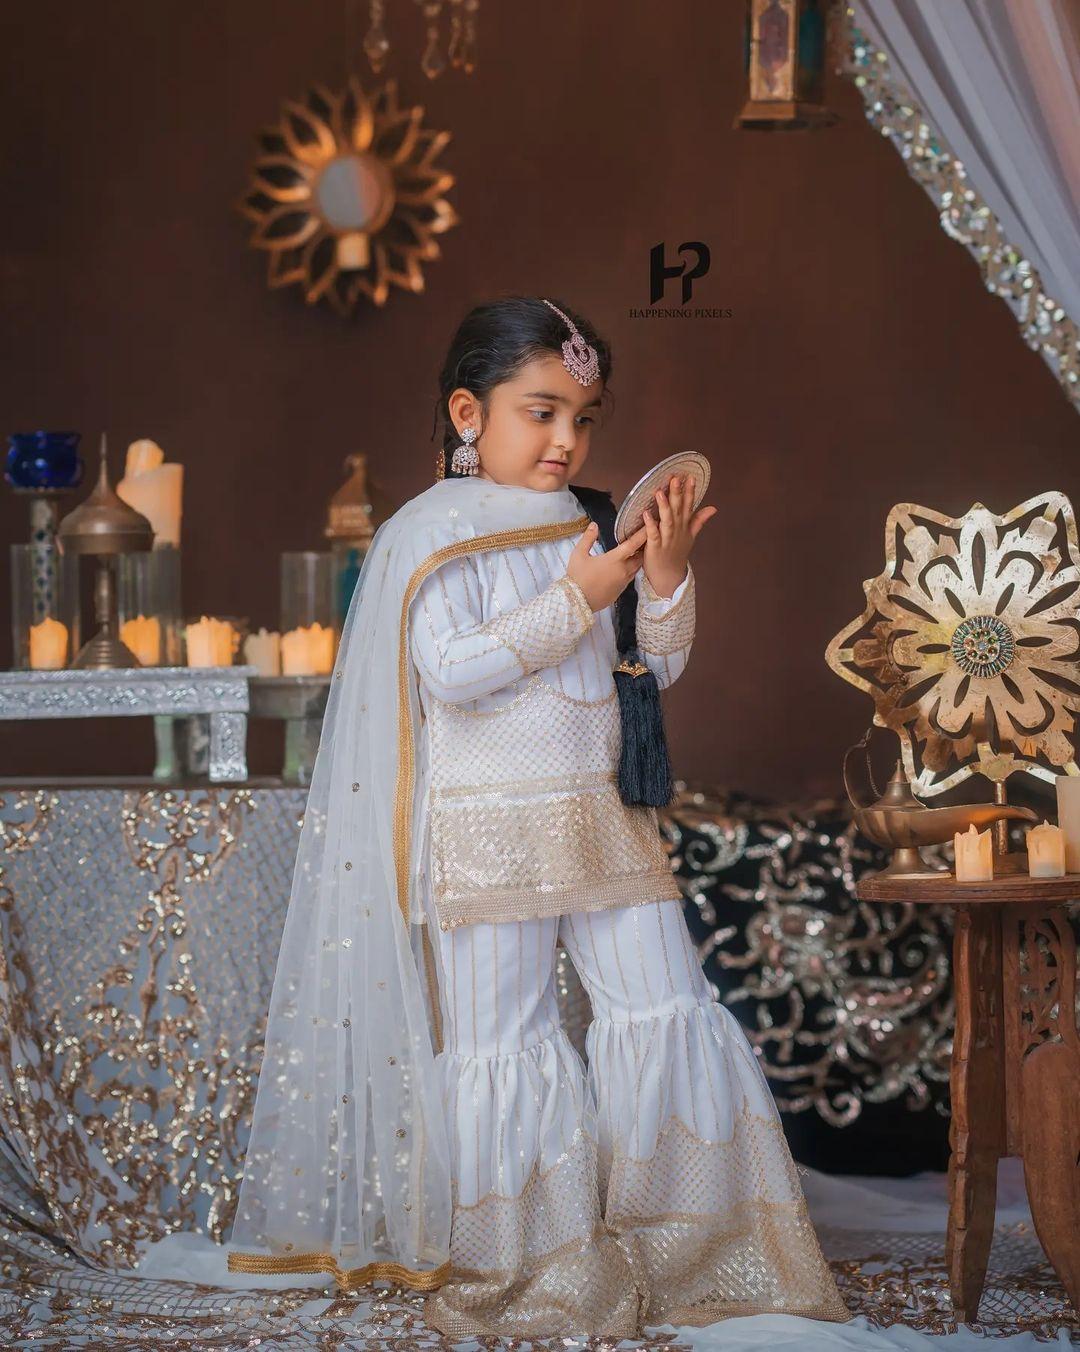 ಬಕ್ರೀದ್ ಹಬ್ಬದ ಫೋಟೋಶೂಟ್ನಲ್ಲಿ ಅಶ್ಮಿತಾ ಶ್ರೀವಾತ್ಸವ